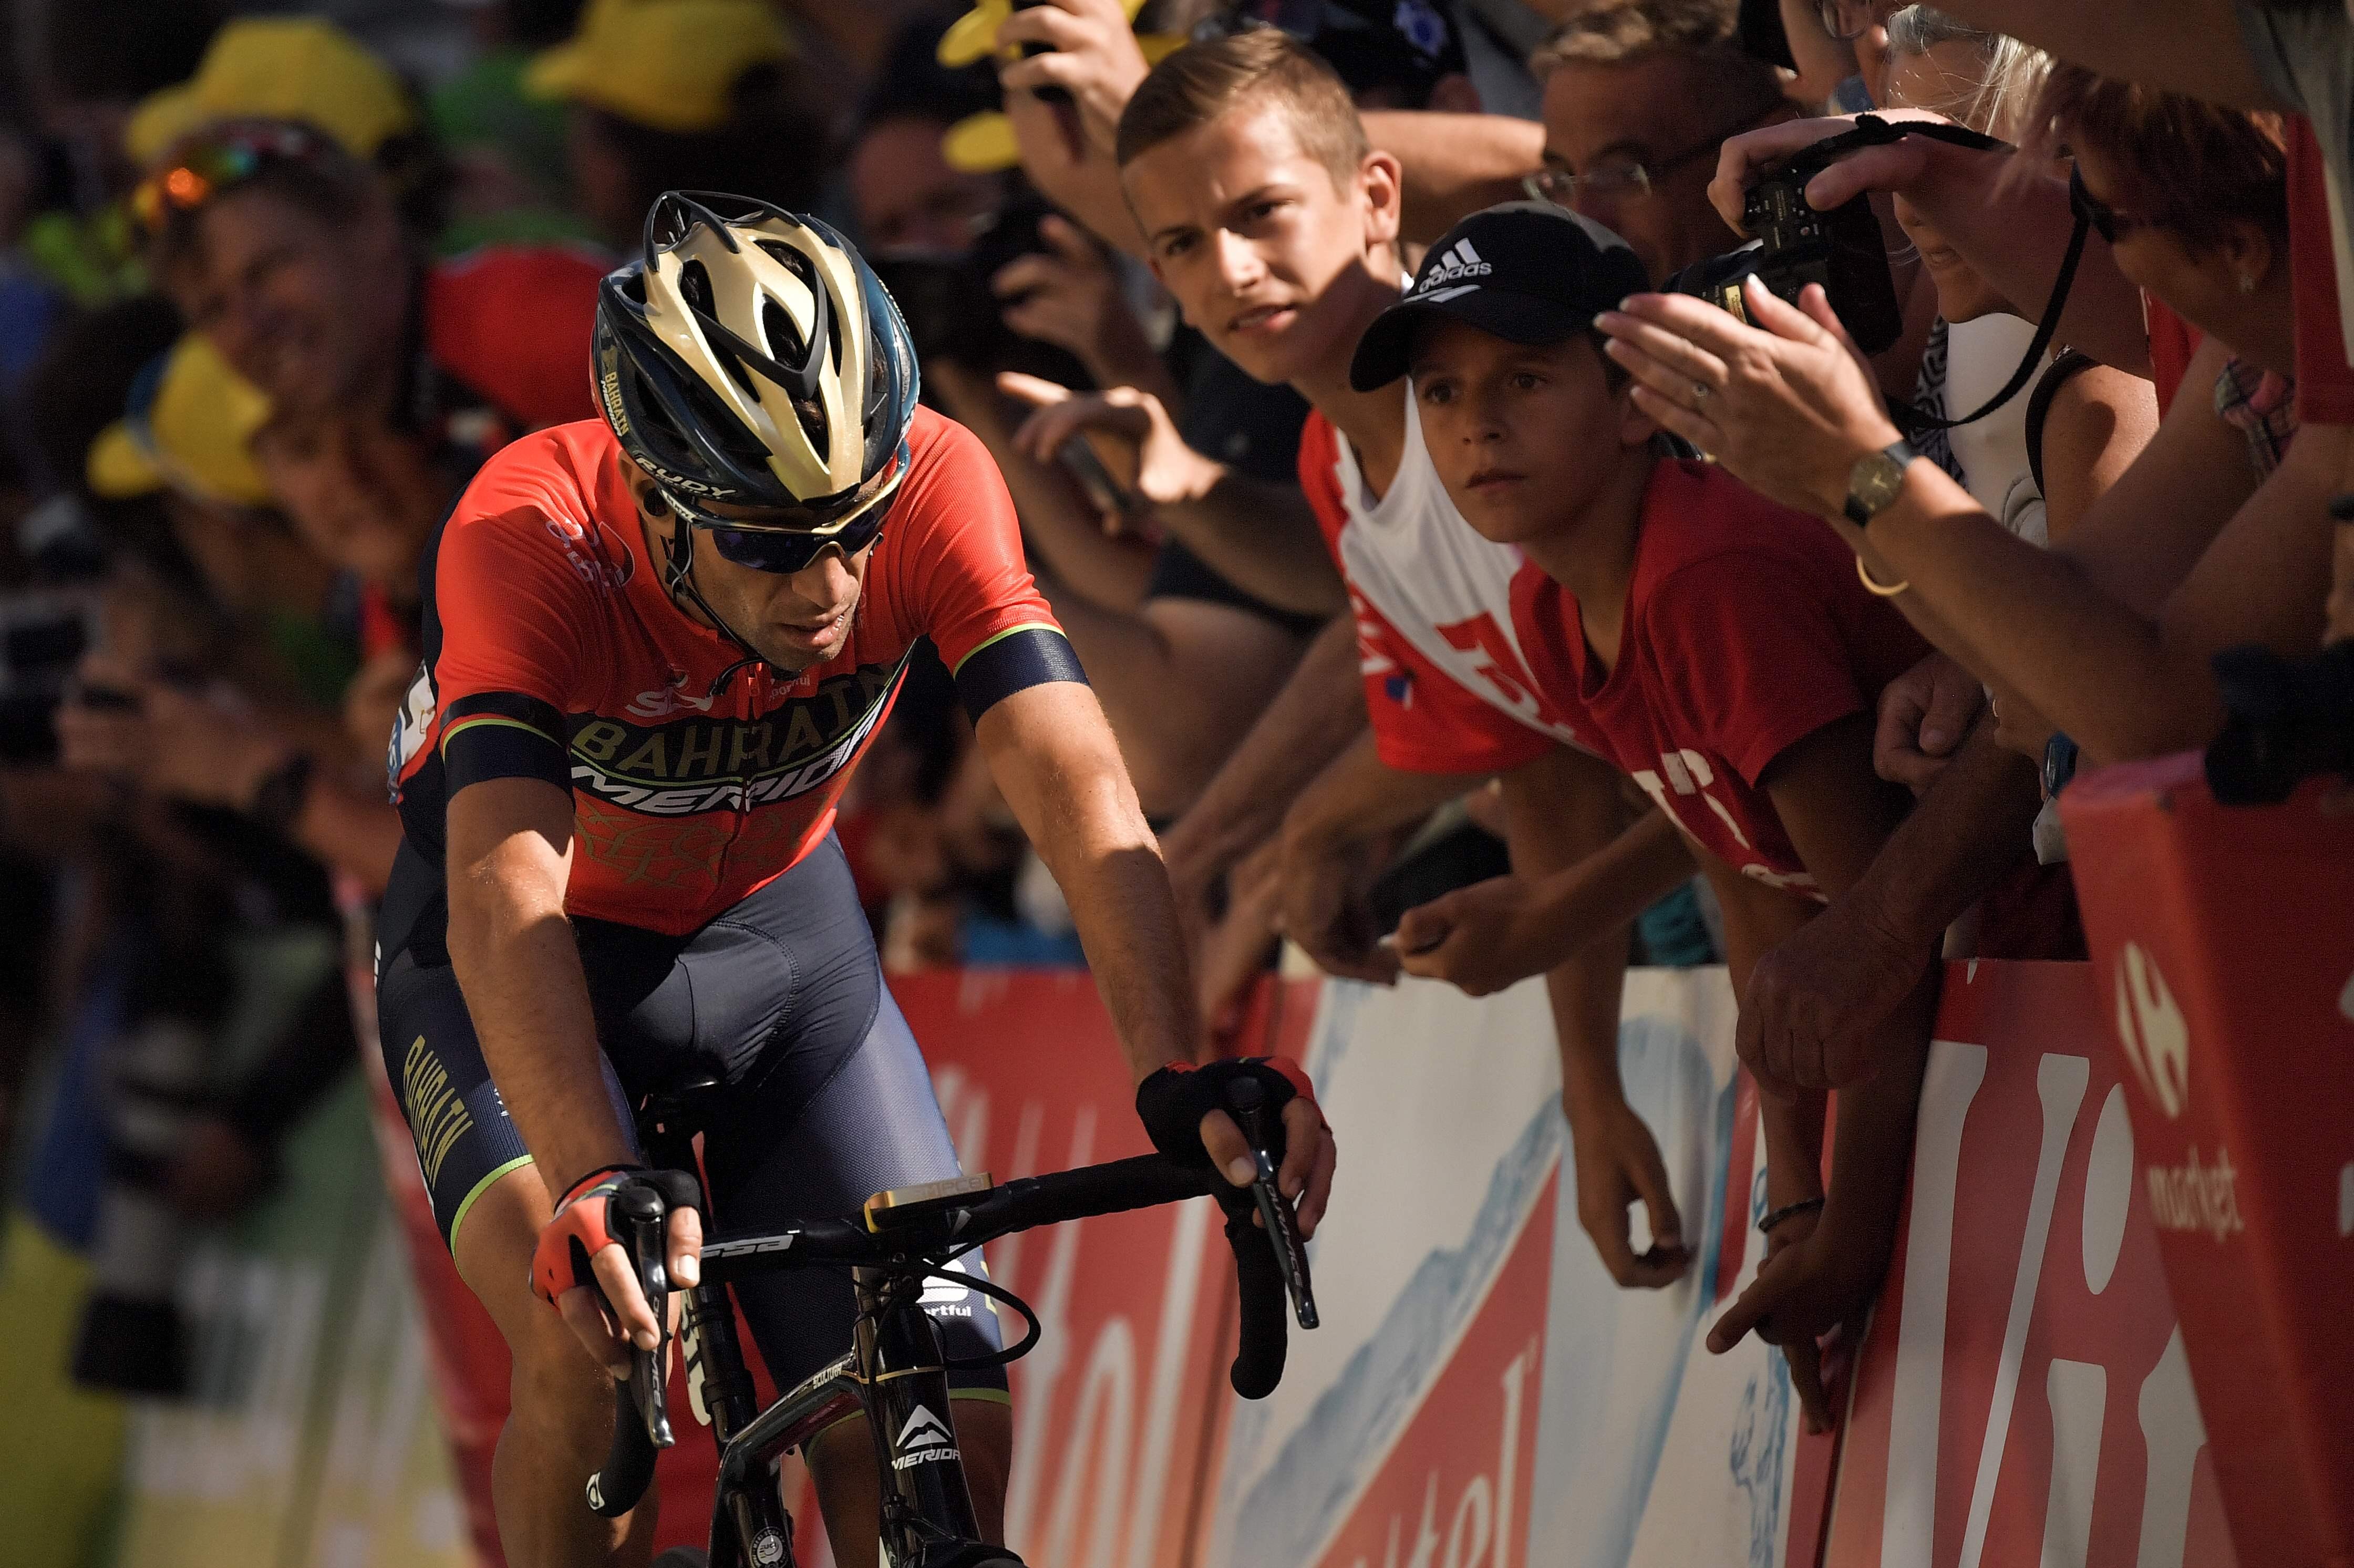 Cyclisme -  Tour de France - Tour de France 2018: Nibali contraint à l'abandon